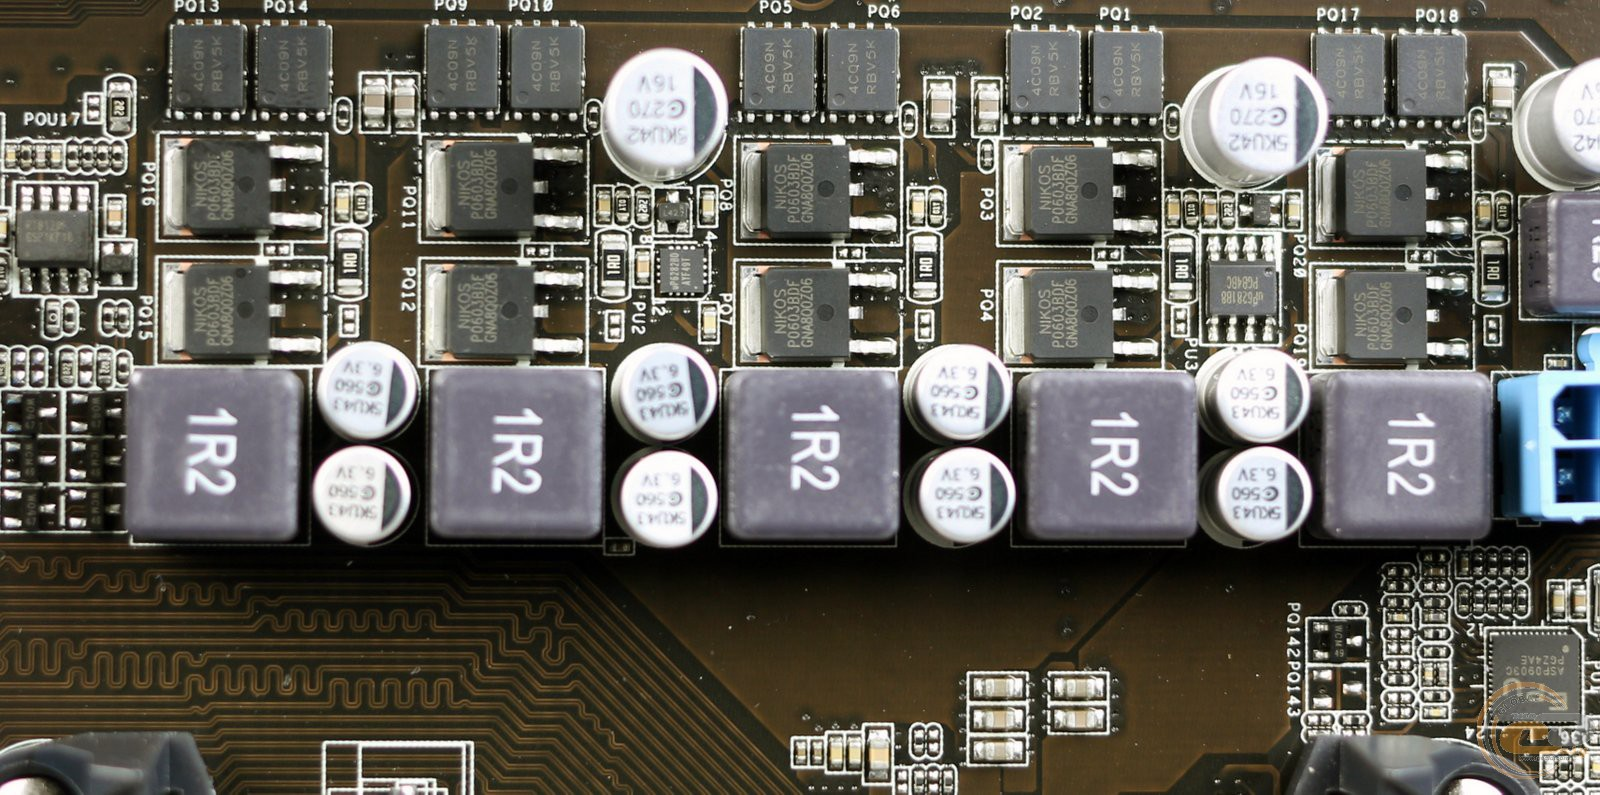 m4a77td схема подсоединения